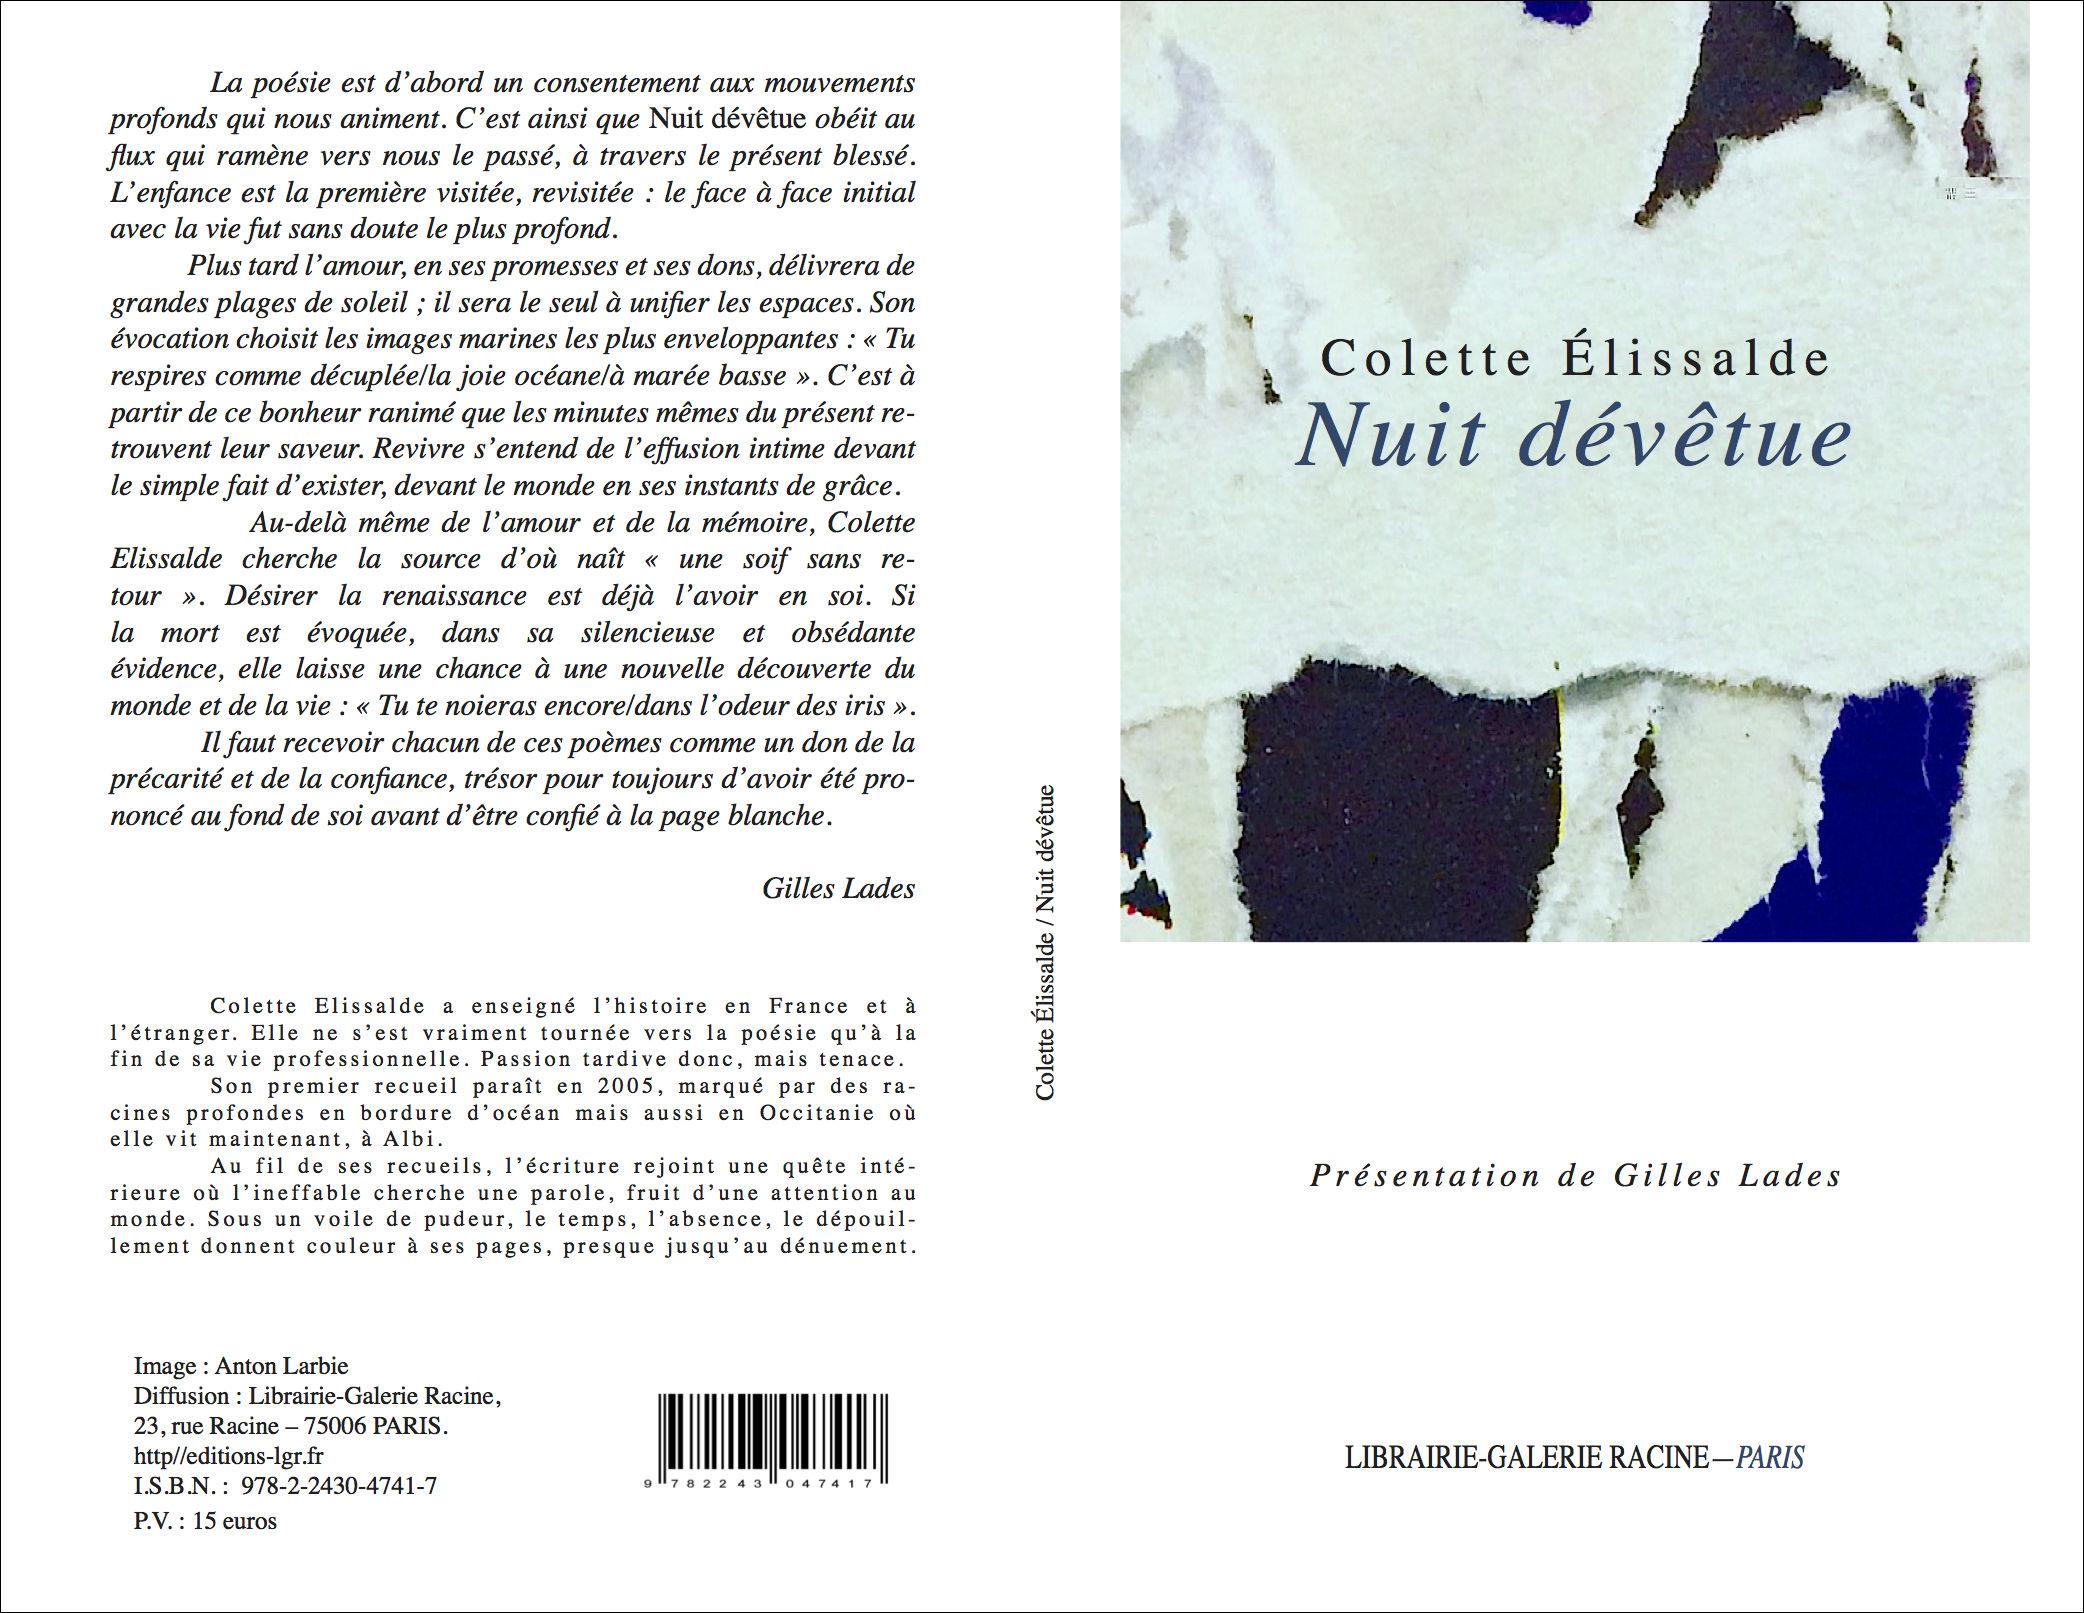 Colette ELISSALDE - Nuit dévêtue